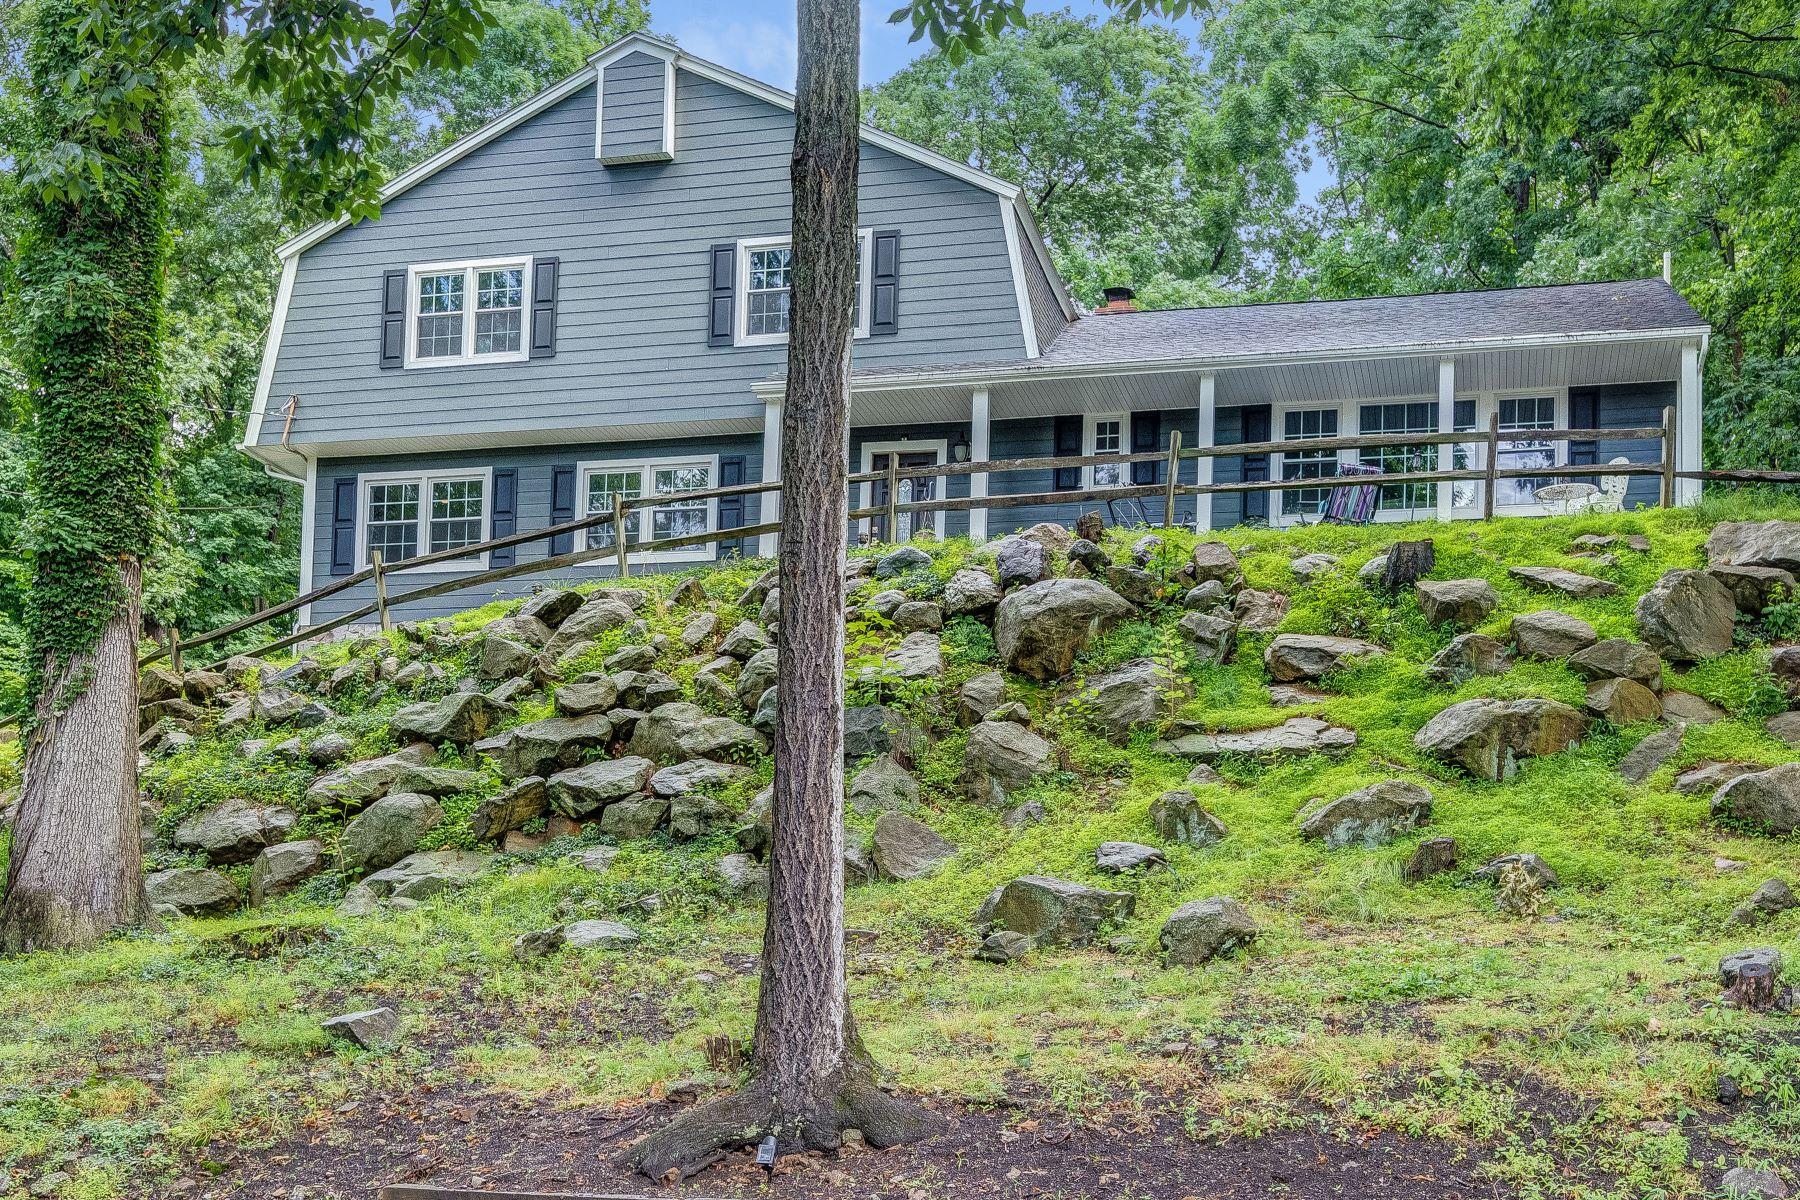 Casa Unifamiliar por un Venta en Completely Renovated! 27 Beaver Ridge Road, Morris Plains, Nueva Jersey 07950 Estados Unidos